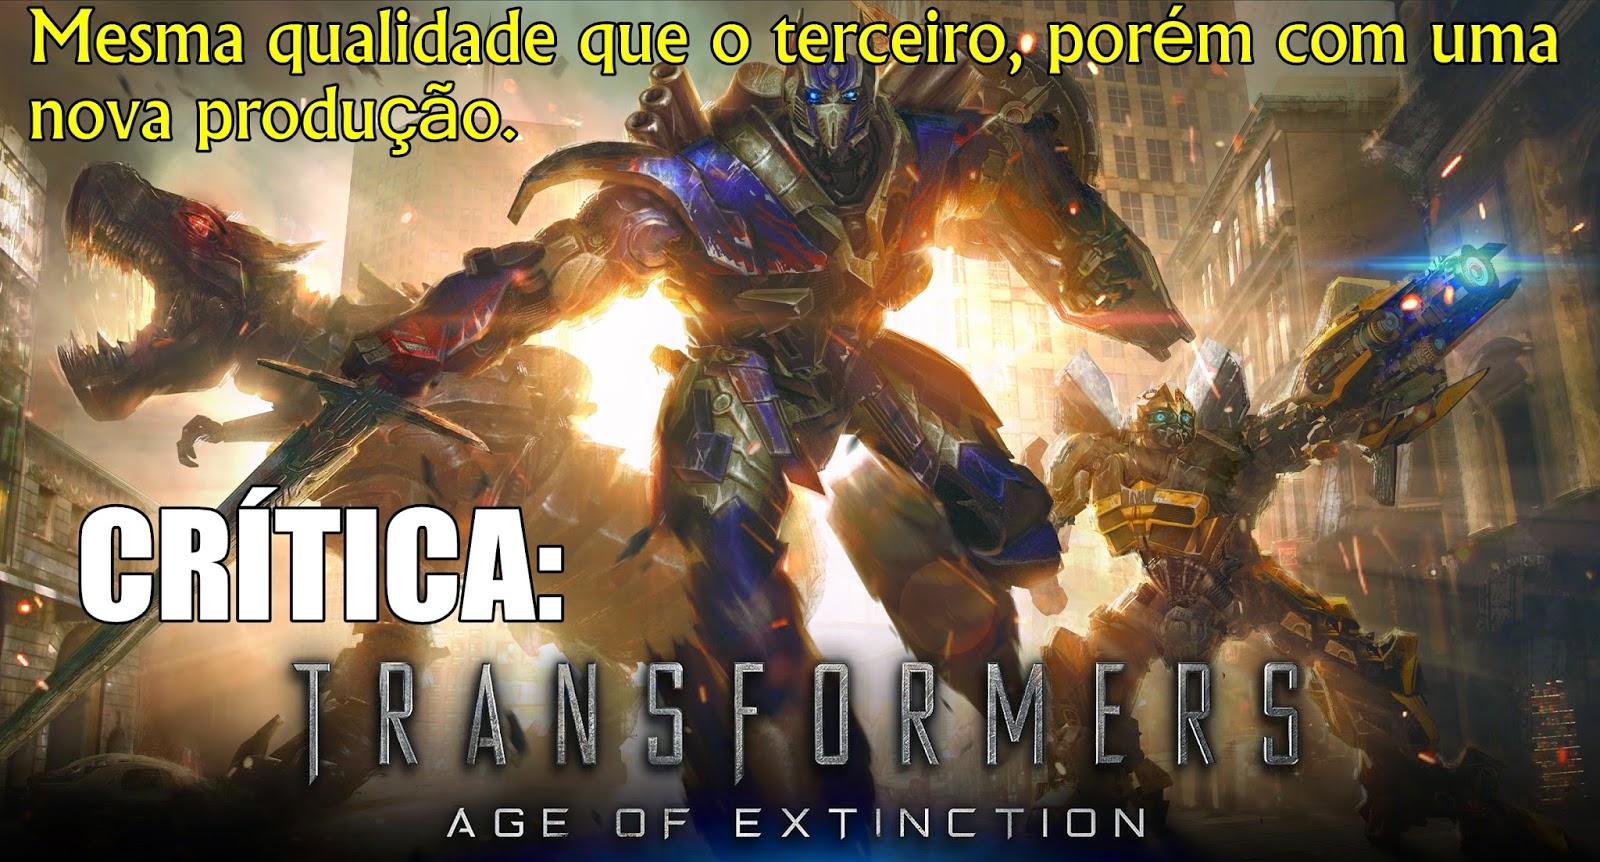 http://essb-nero.blogspot.com.br/2014/07/critica-transformers-4-era-da-extincao.html